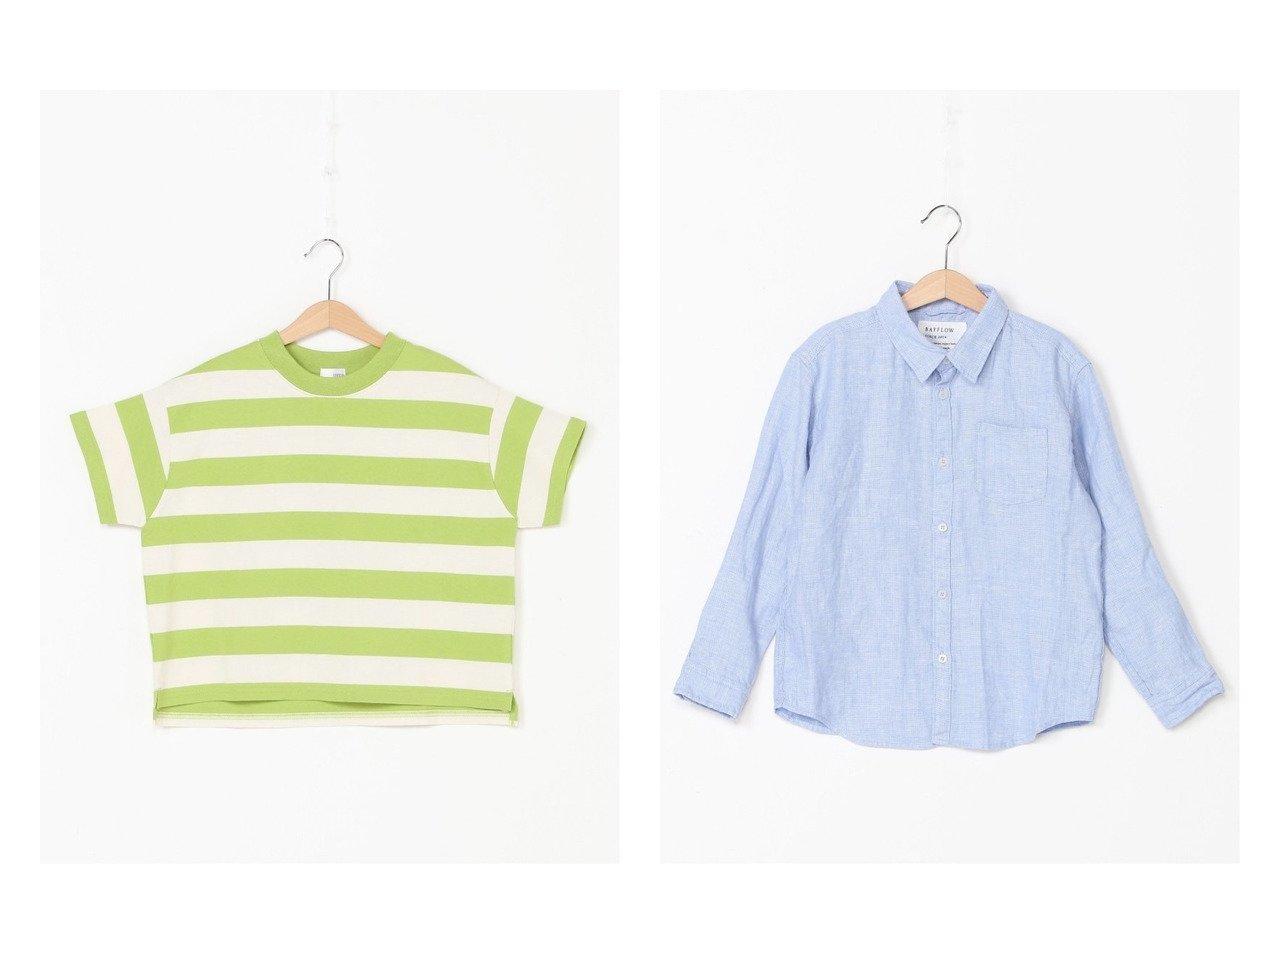 【BAYFLOW / KIDS/ベイフロー】のムジリネンシャツ/K&【LOWRYS FARM / KIDS/ローリーズファーム】のUSAフトボーダーSS 【KIDS】子供服のおすすめ!人気トレンド・キッズファッションの通販 おすすめで人気の流行・トレンド、ファッションの通販商品 メンズファッション・キッズファッション・インテリア・家具・レディースファッション・服の通販 founy(ファニー) https://founy.com/ ファッション Fashion キッズファッション KIDS トップス・カットソー Tops/Tees/Kids S/S・春夏 SS・Spring/Summer おすすめ Recommend カットソー シンプル ボーダー ストレッチ リネン 春 Spring  ID:crp329100000037914